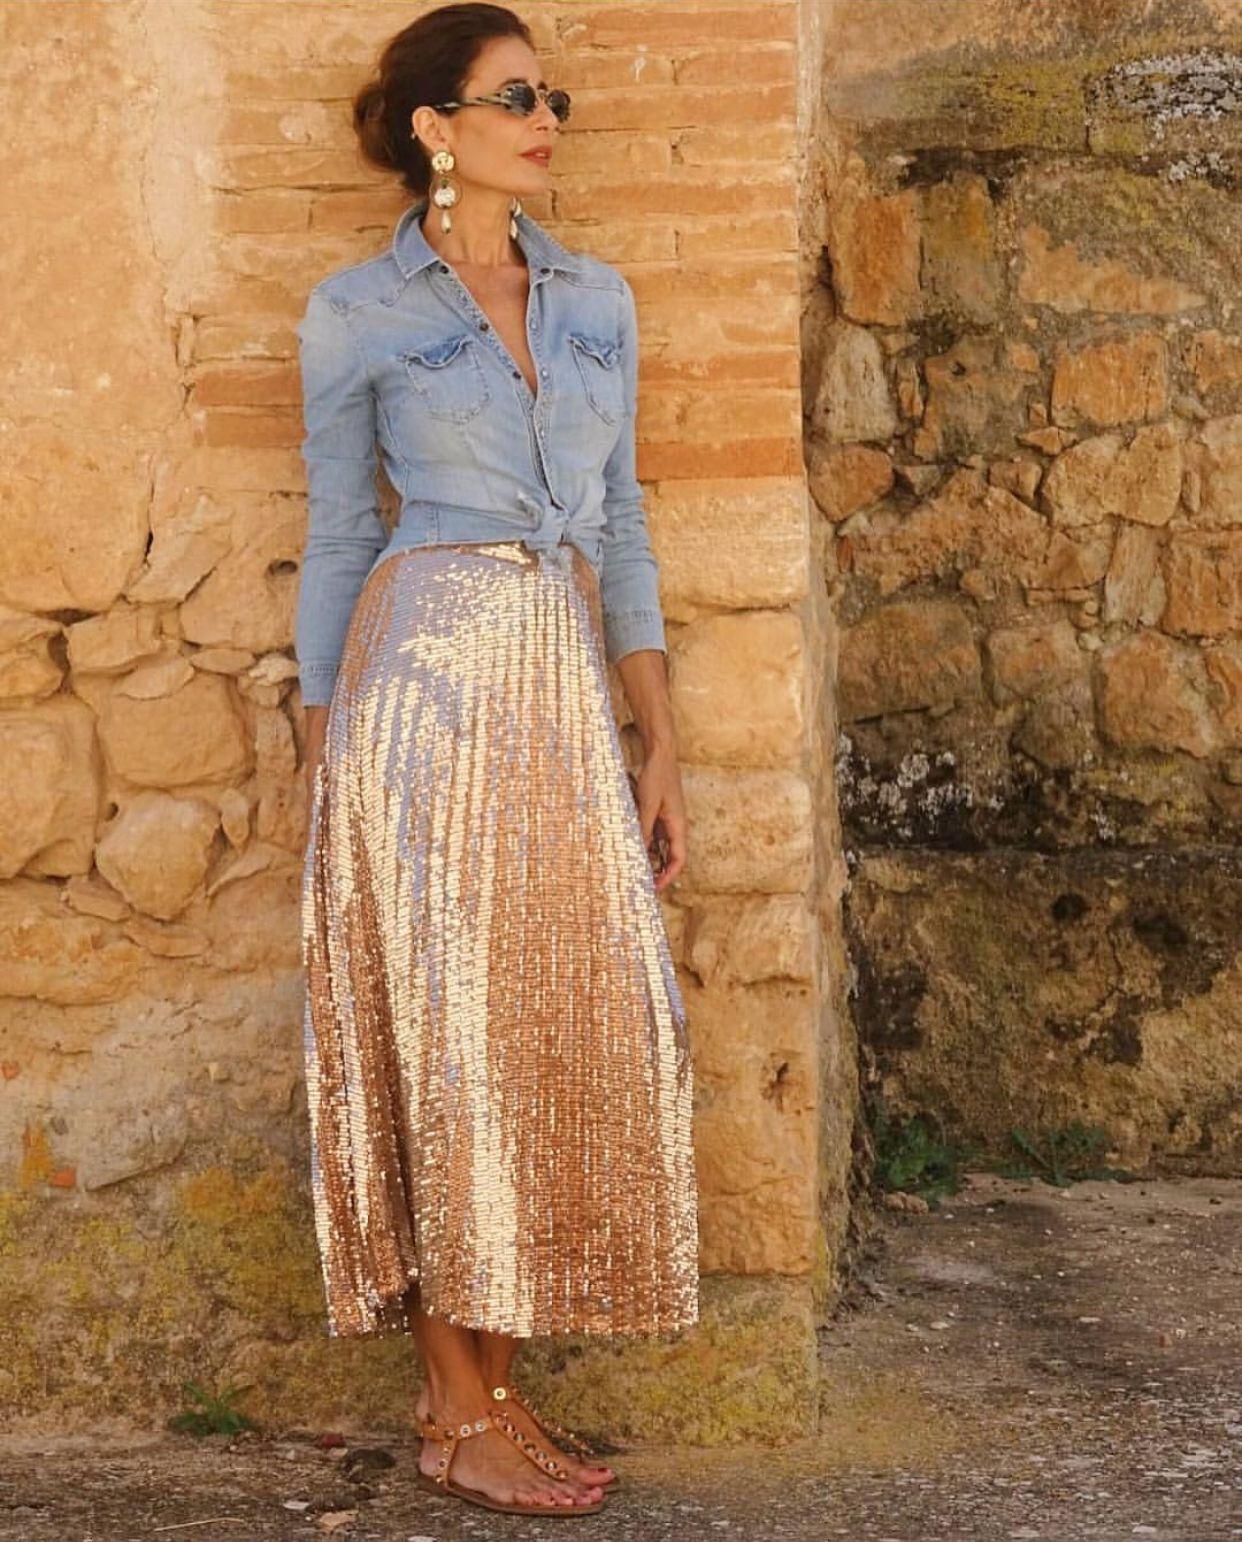 Skirt I love ❤️